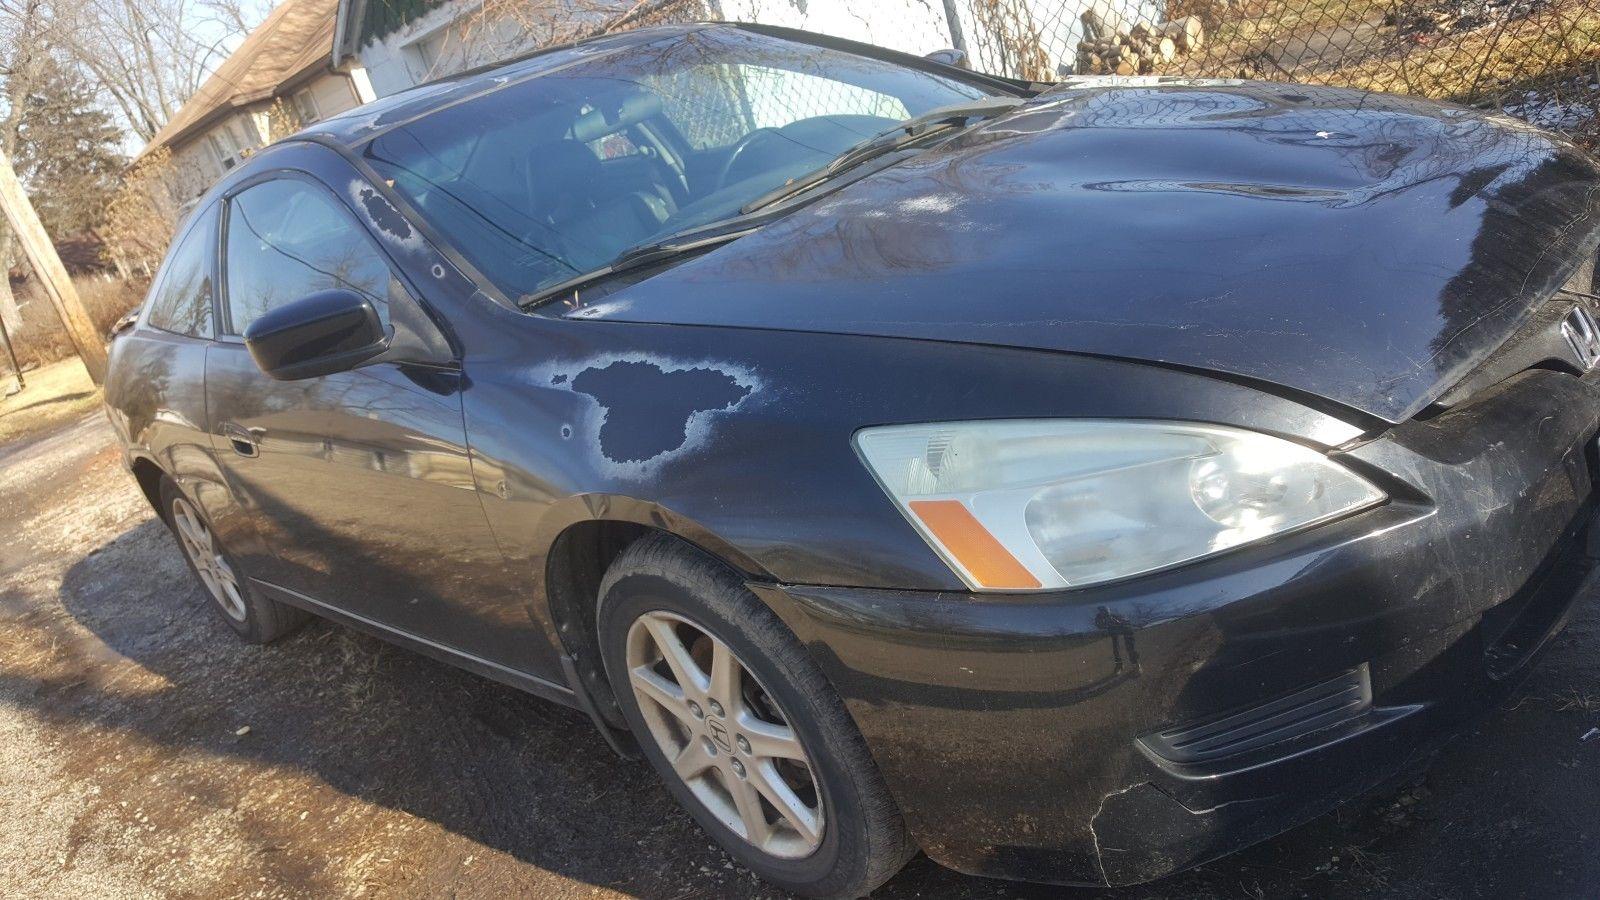 Kelebihan Kekurangan Honda Accord 2004 Tangguh